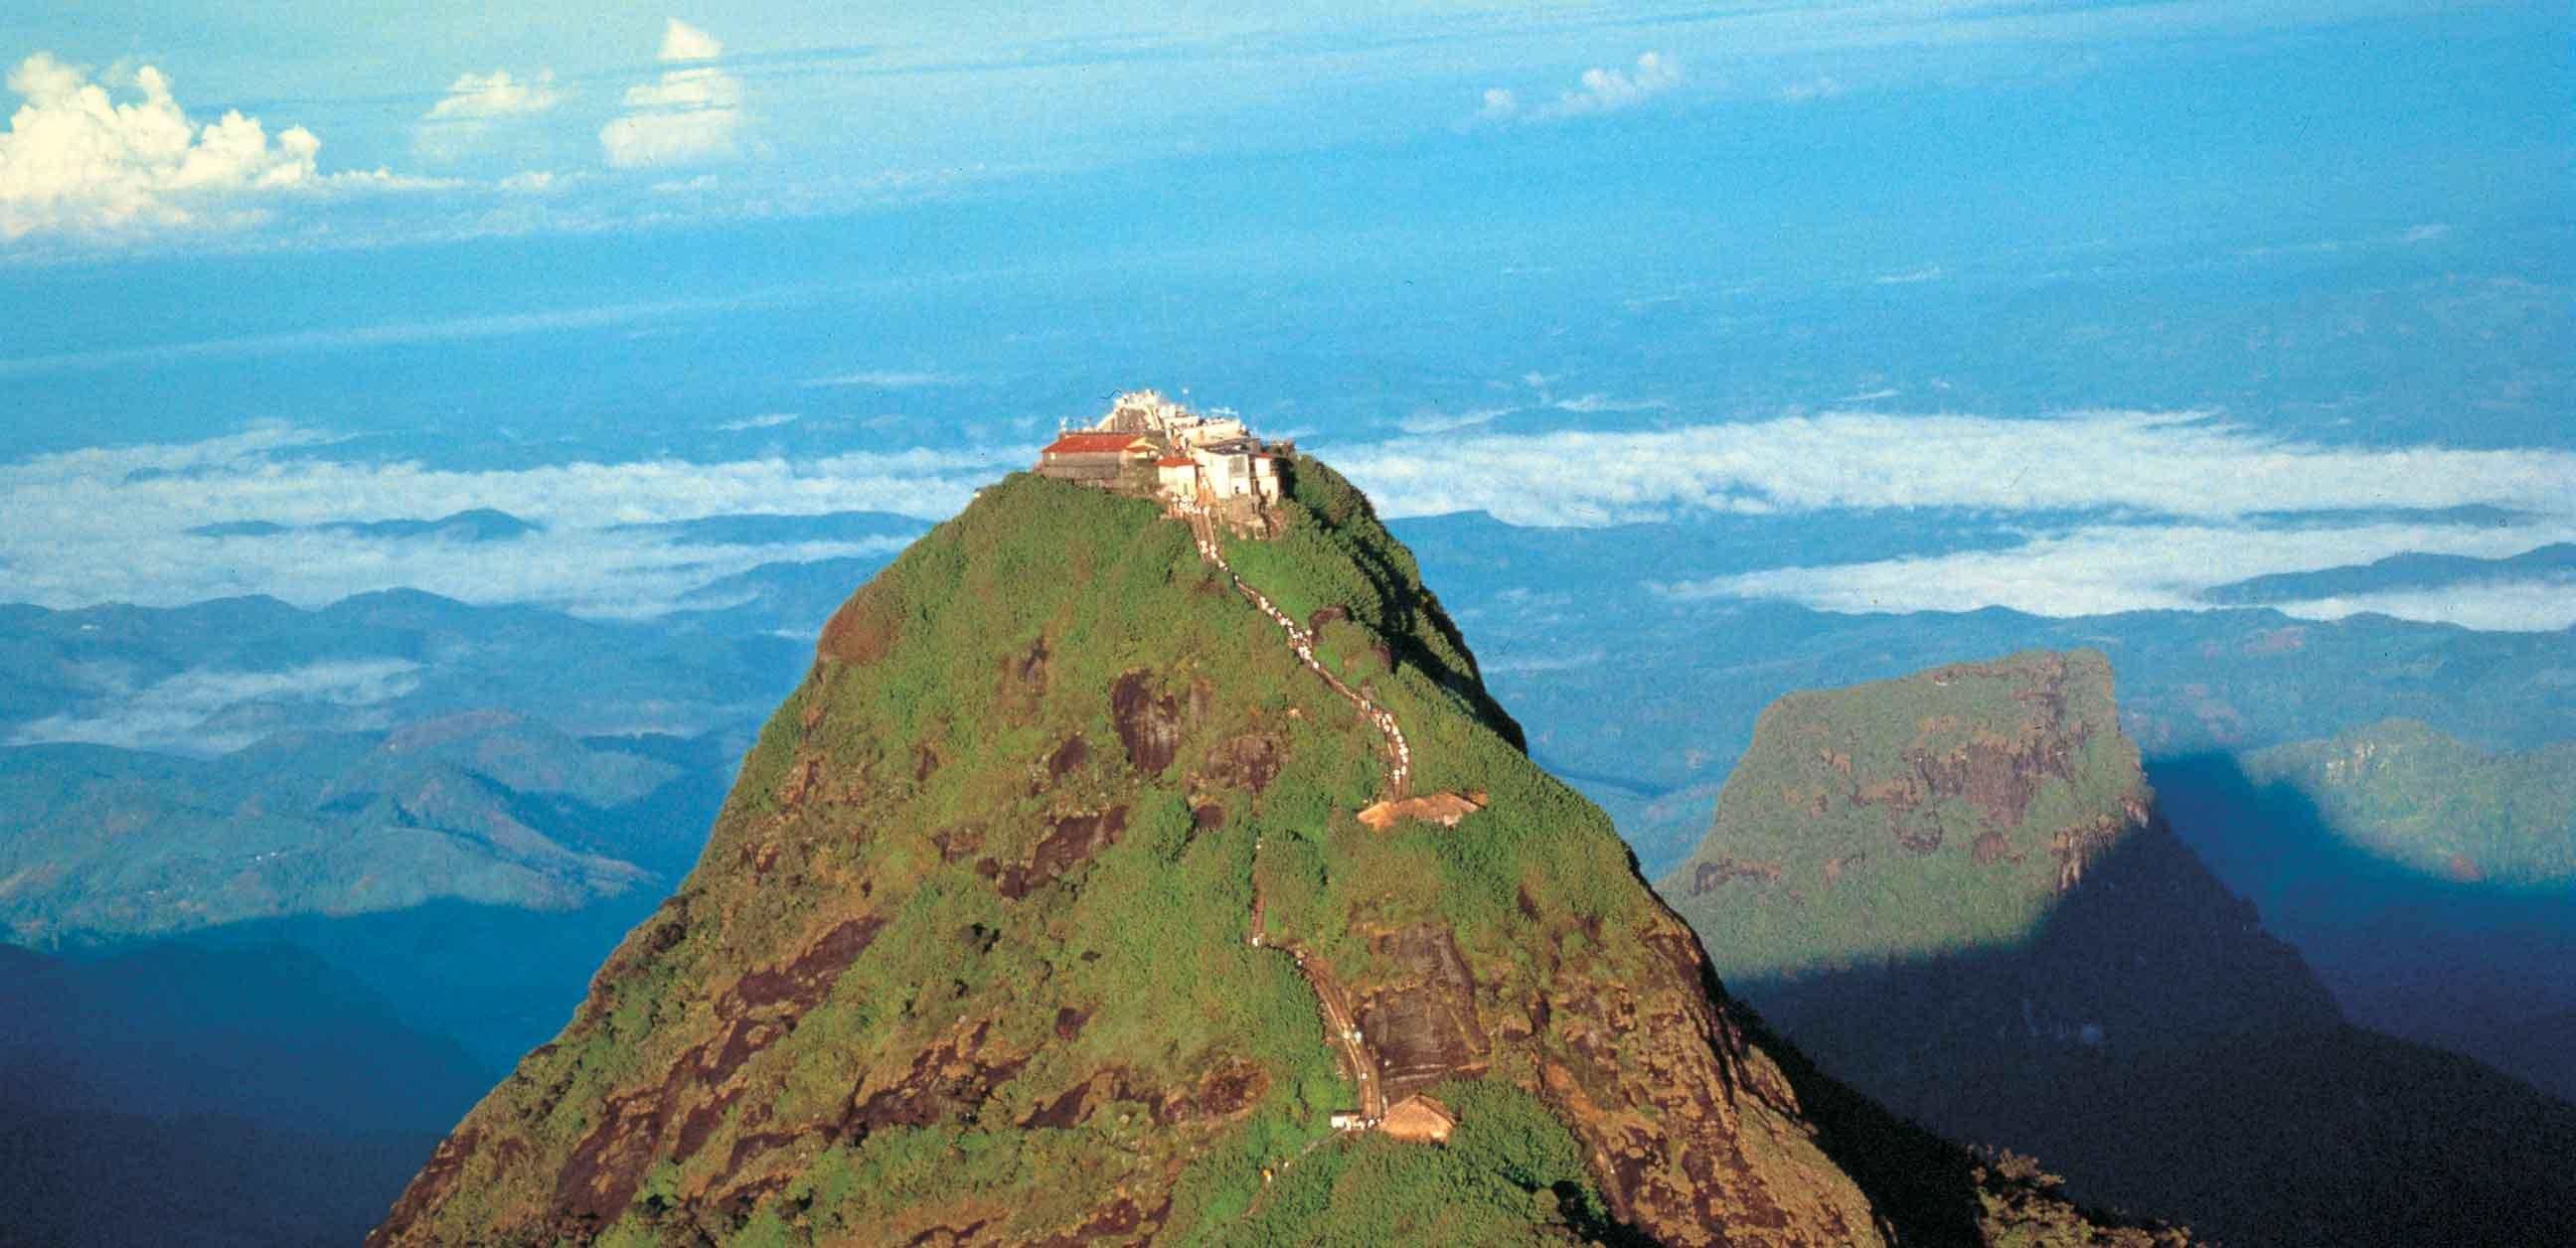 سفر به قله حضرت آدم در سریلانکا